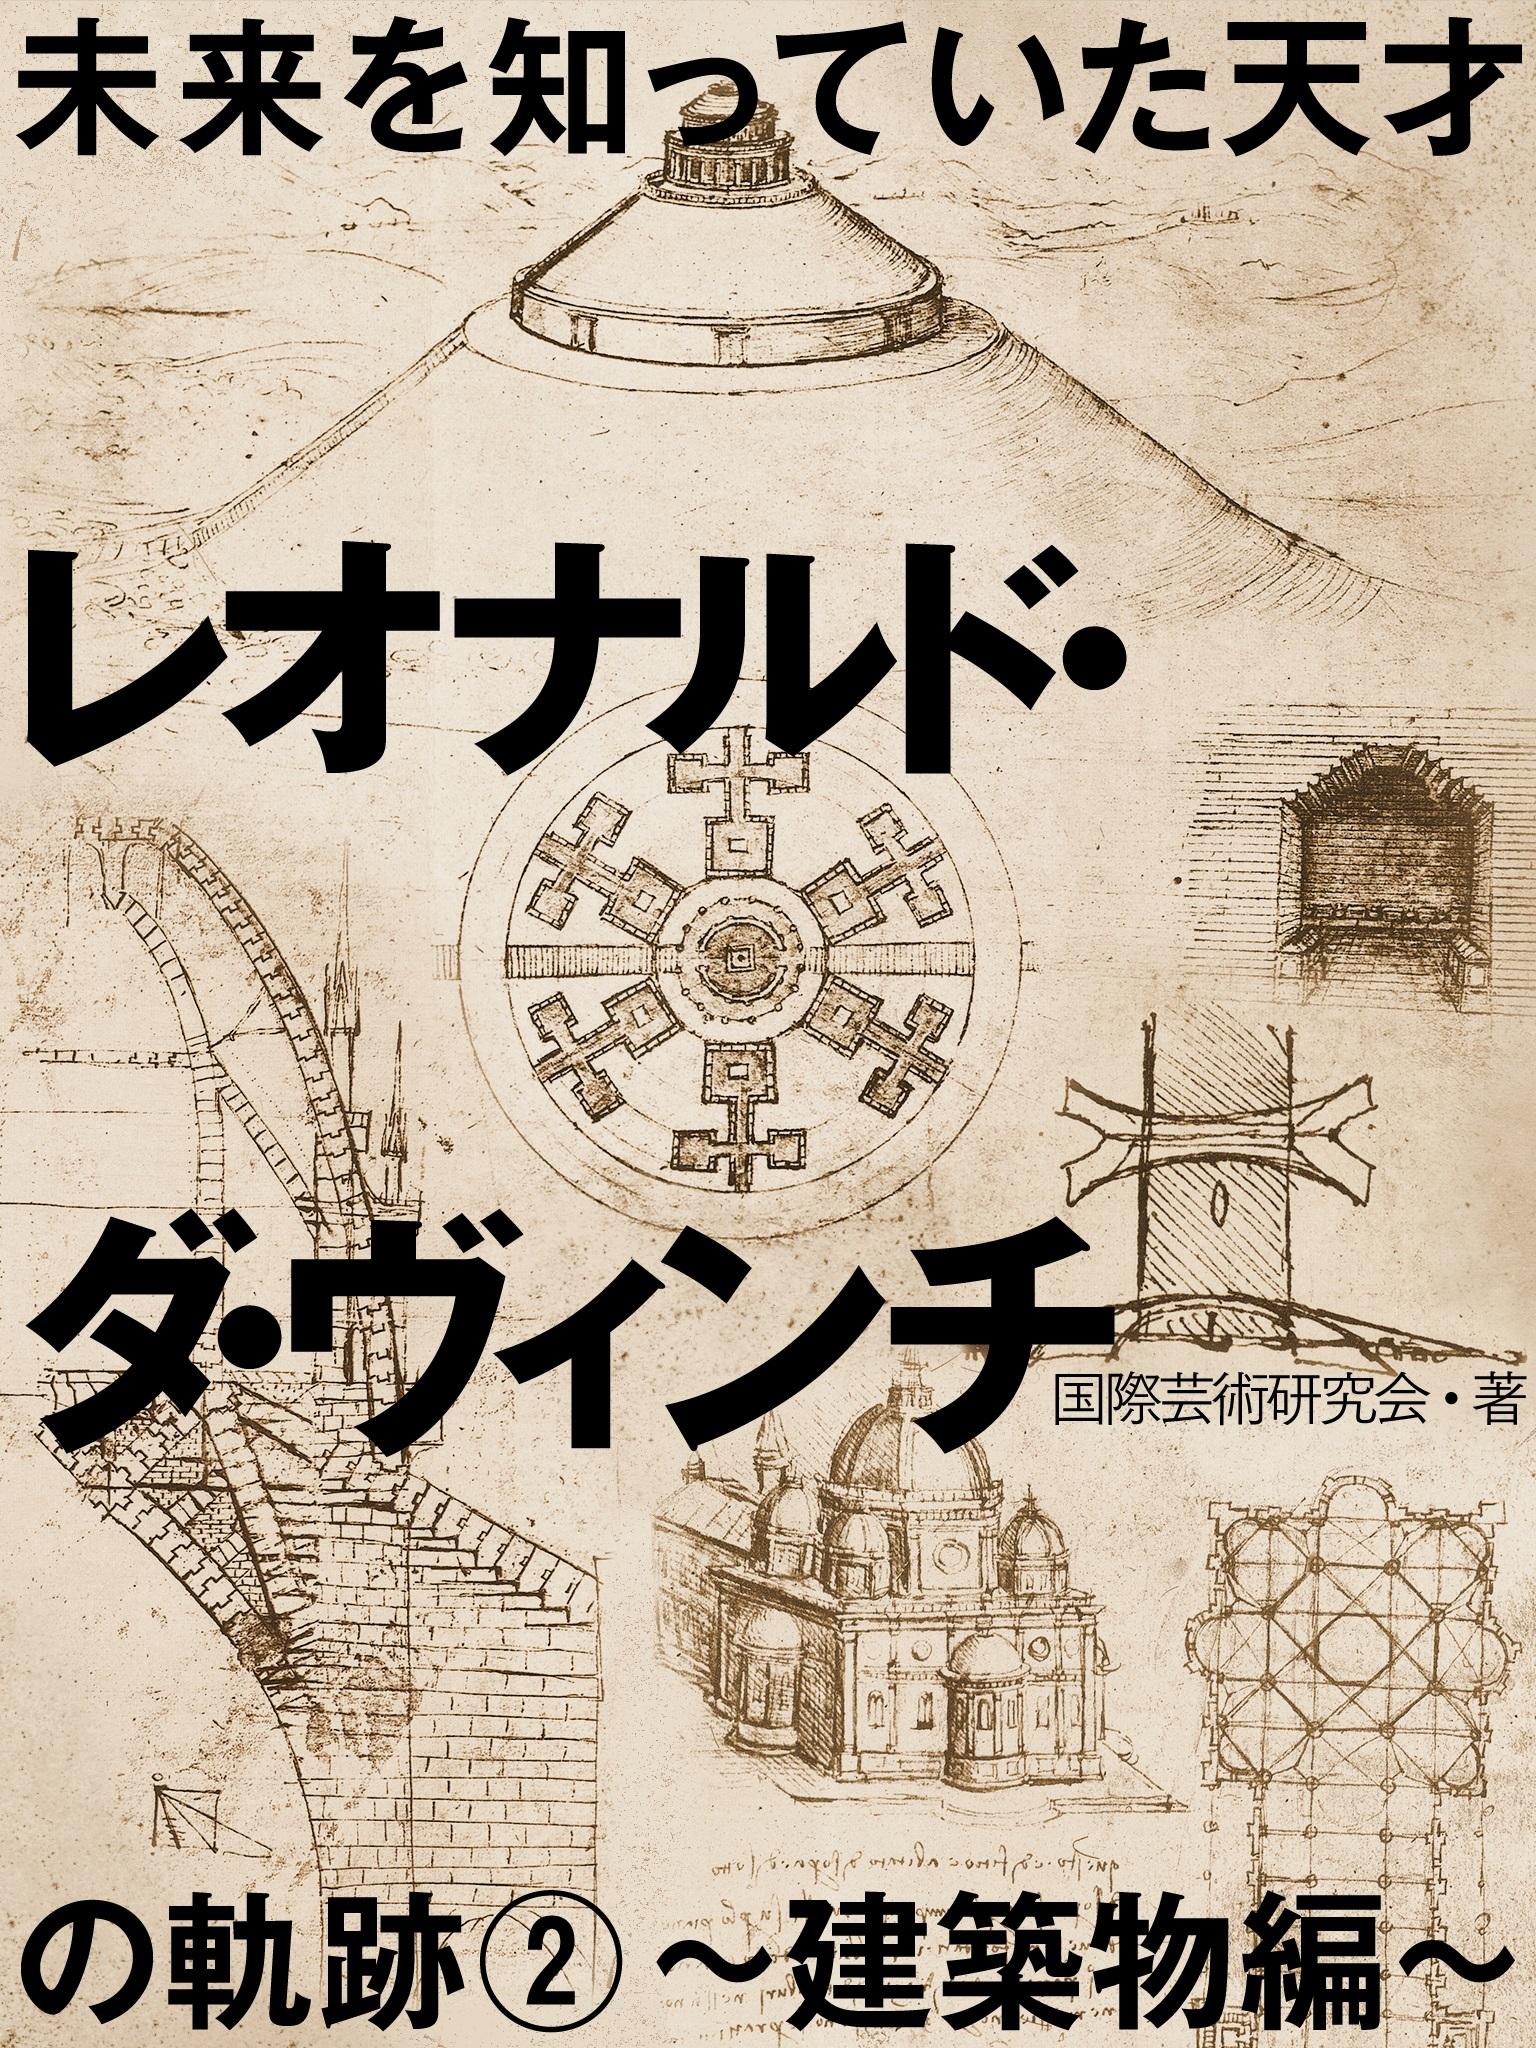 未来を知っていた天才 レオナルド・ダ・ヴィンチの軌跡2~建築物編~